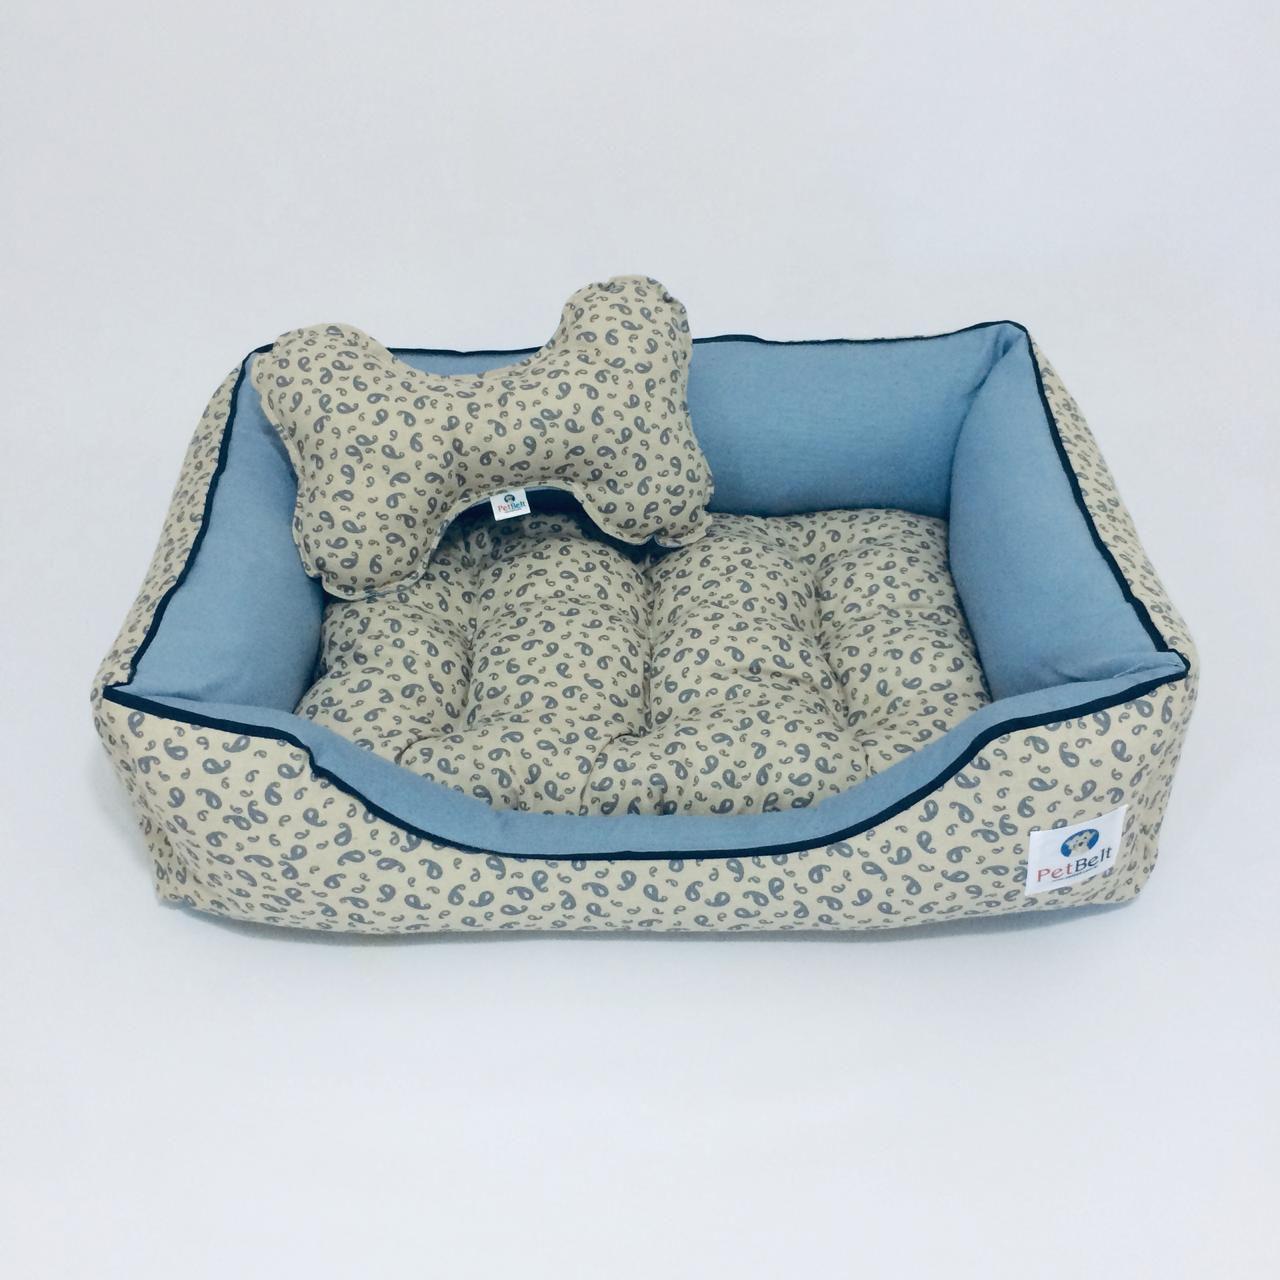 Cama Pet de Linho Cachorro Gato almofada removível c/ zíper - Tam M - Arabesco